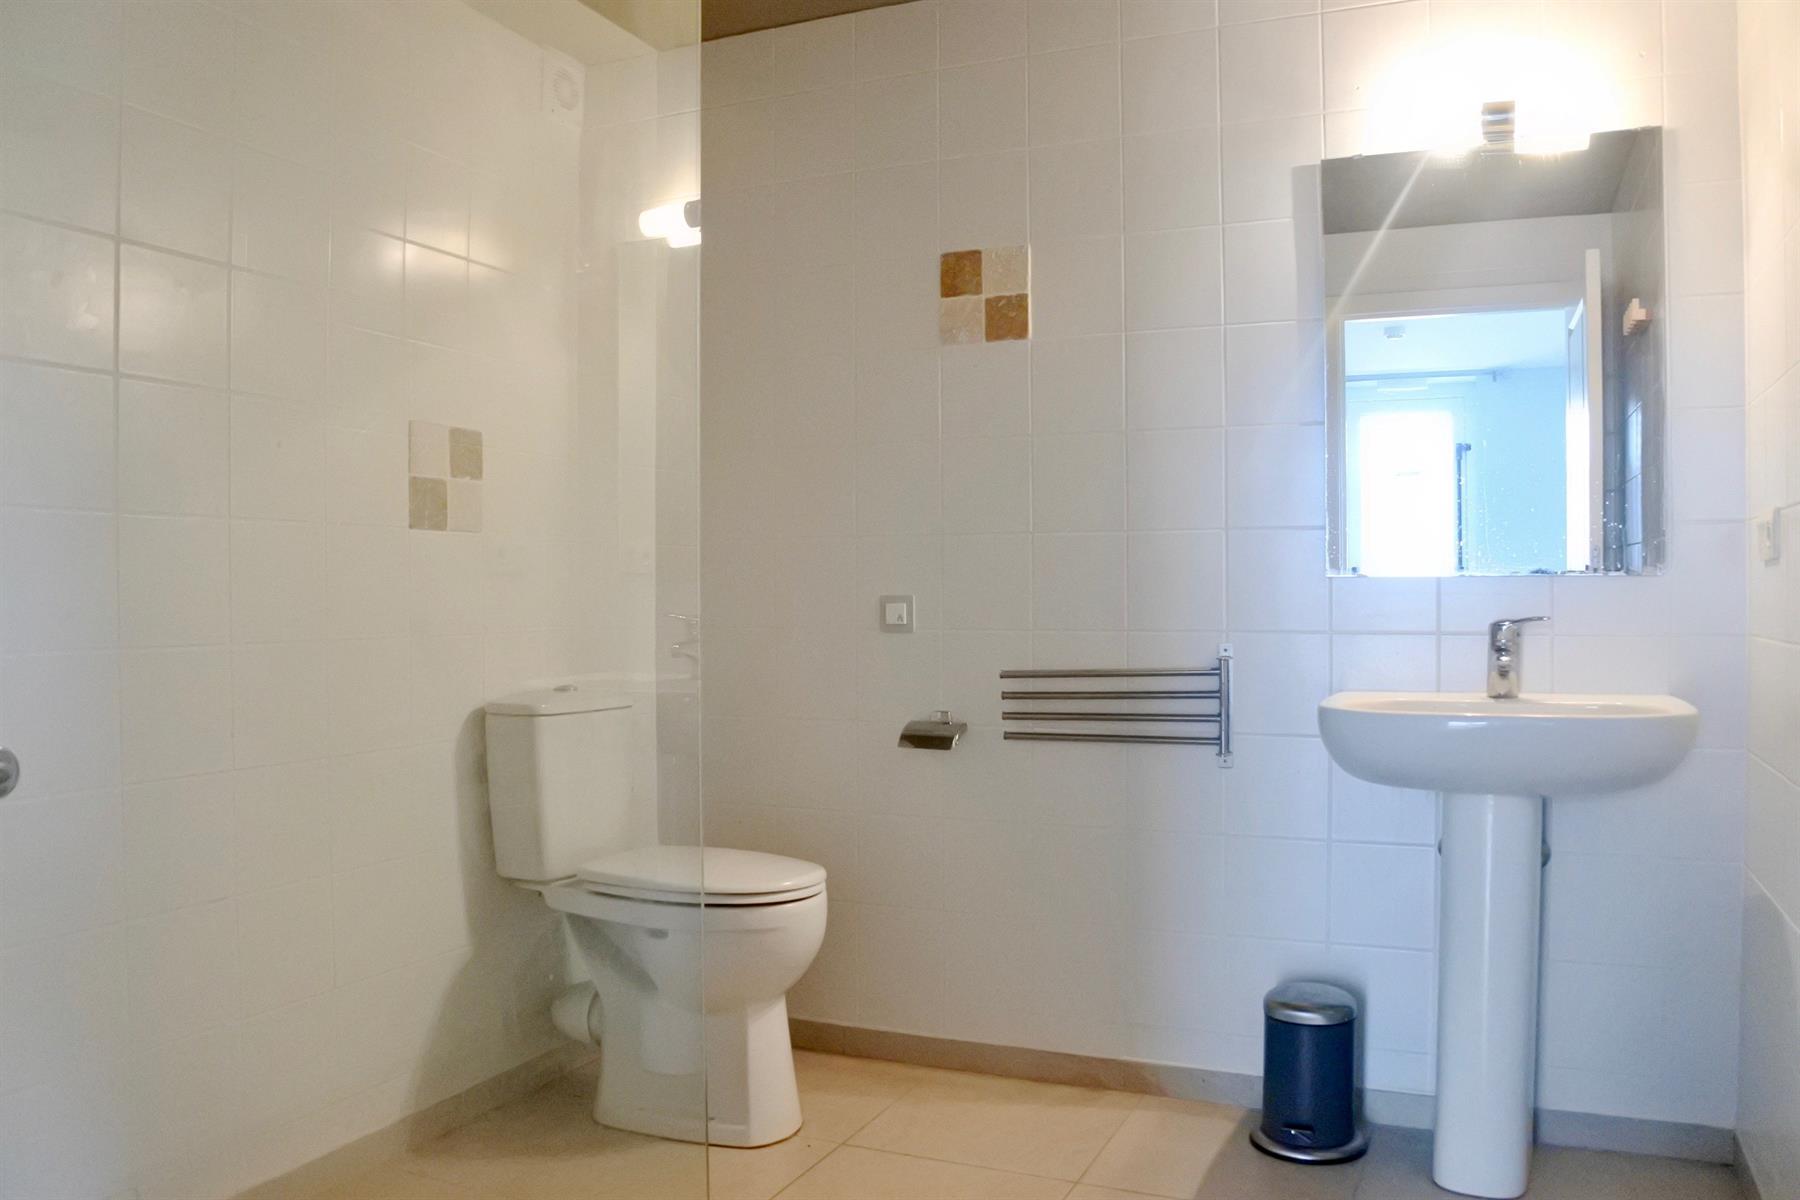 Appartement - Wellin Sohier - #3885257-13